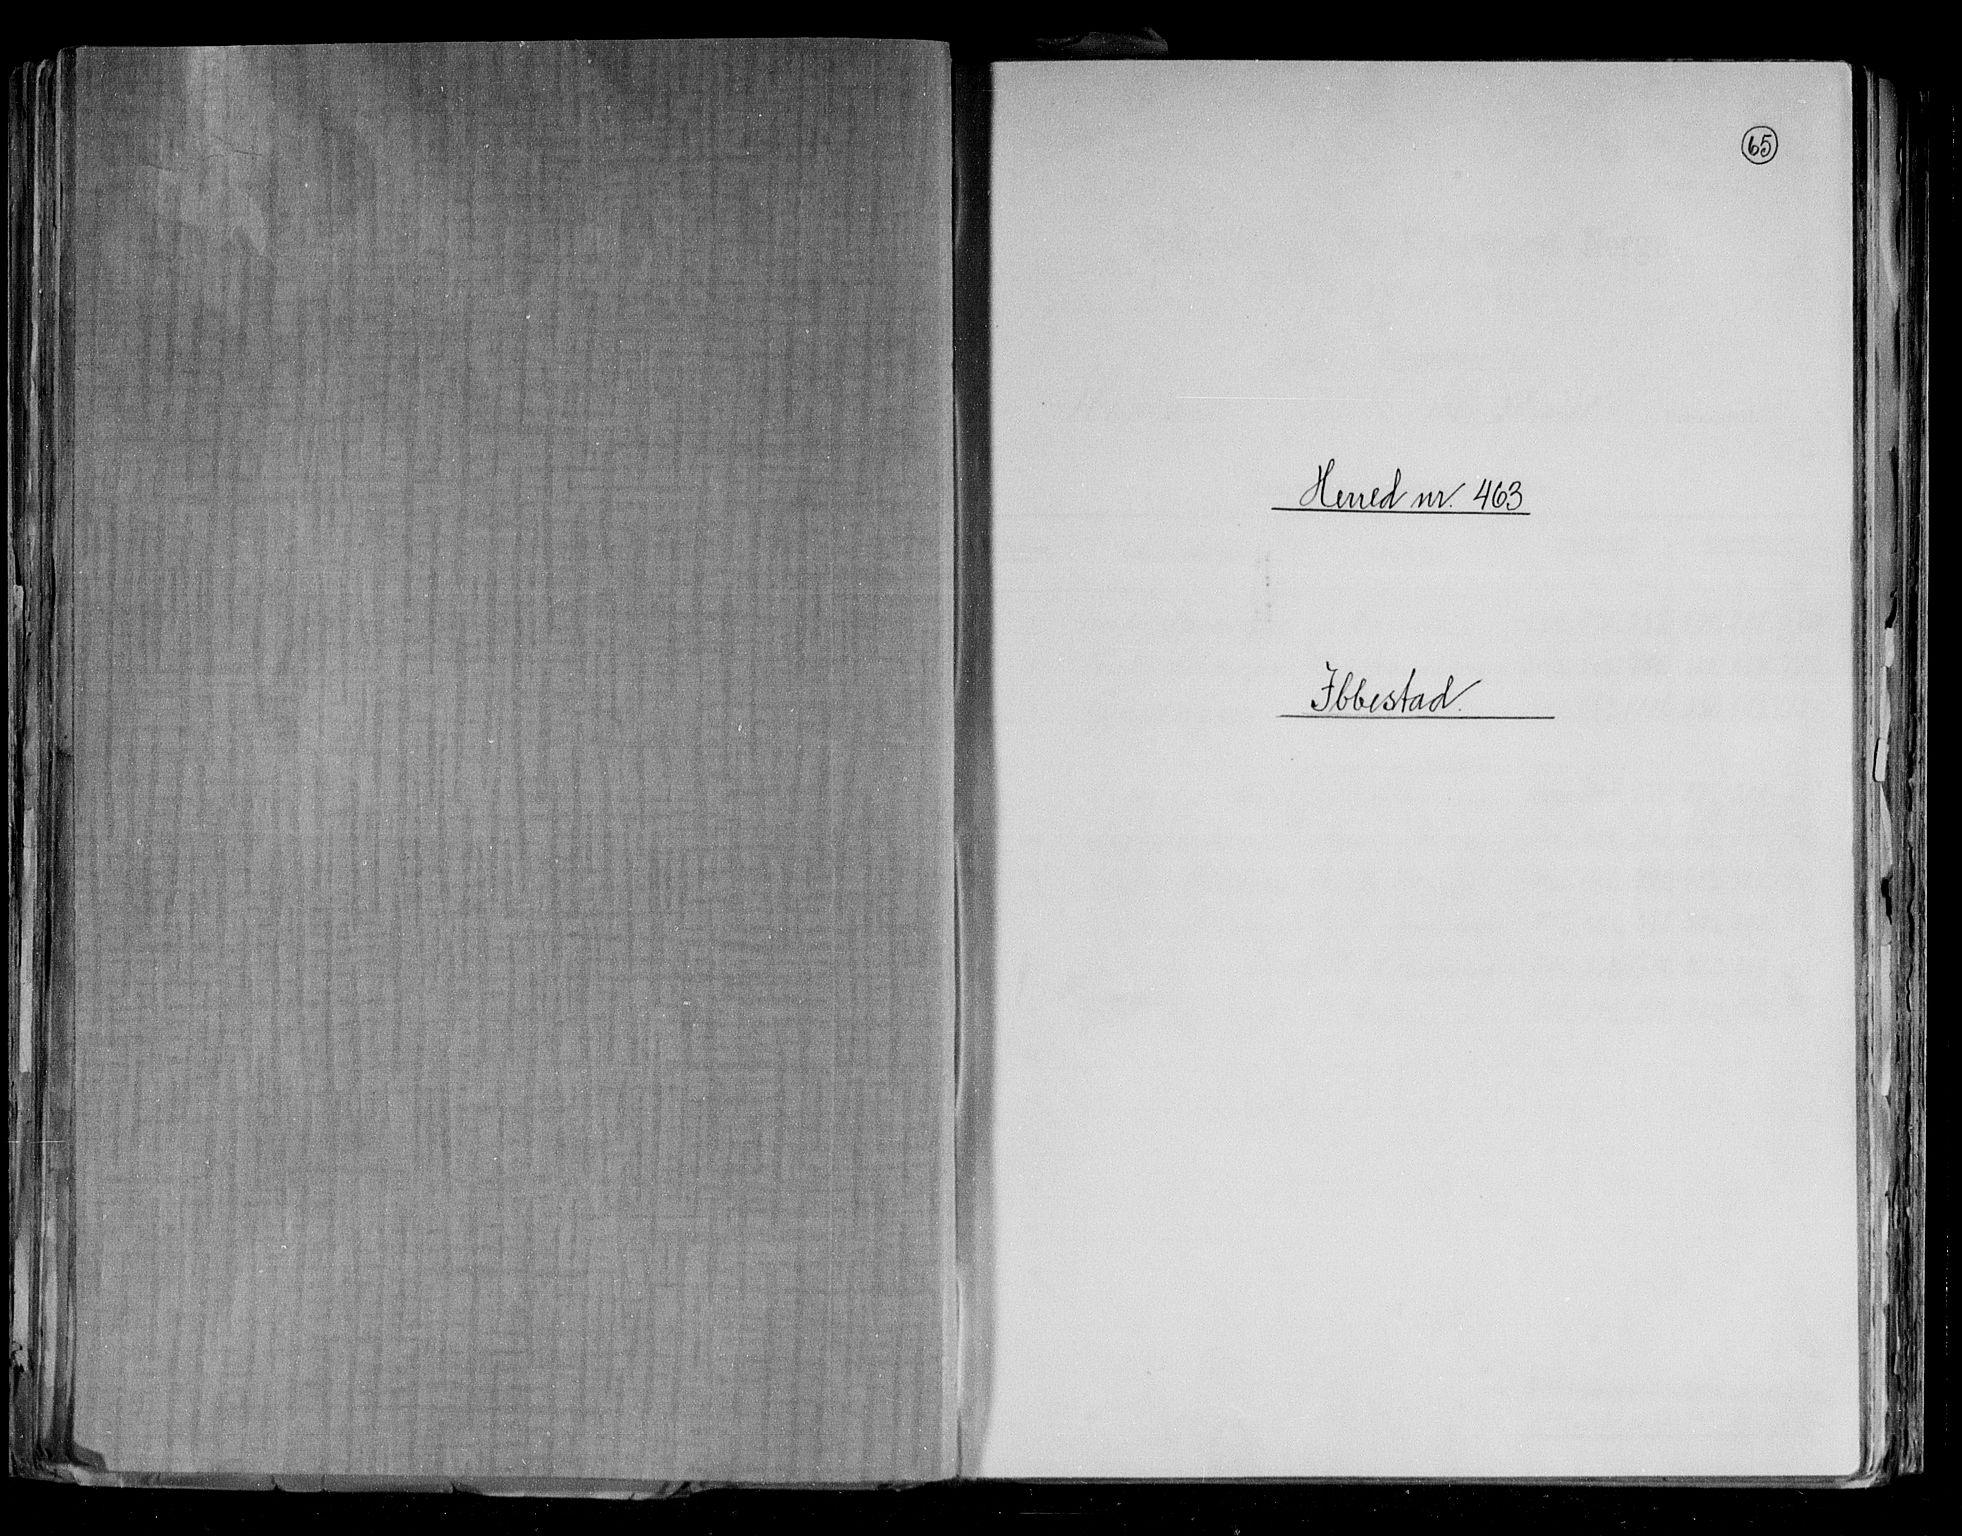 RA, Folketelling 1891 for 1917 Ibestad herred, 1891, s. 1